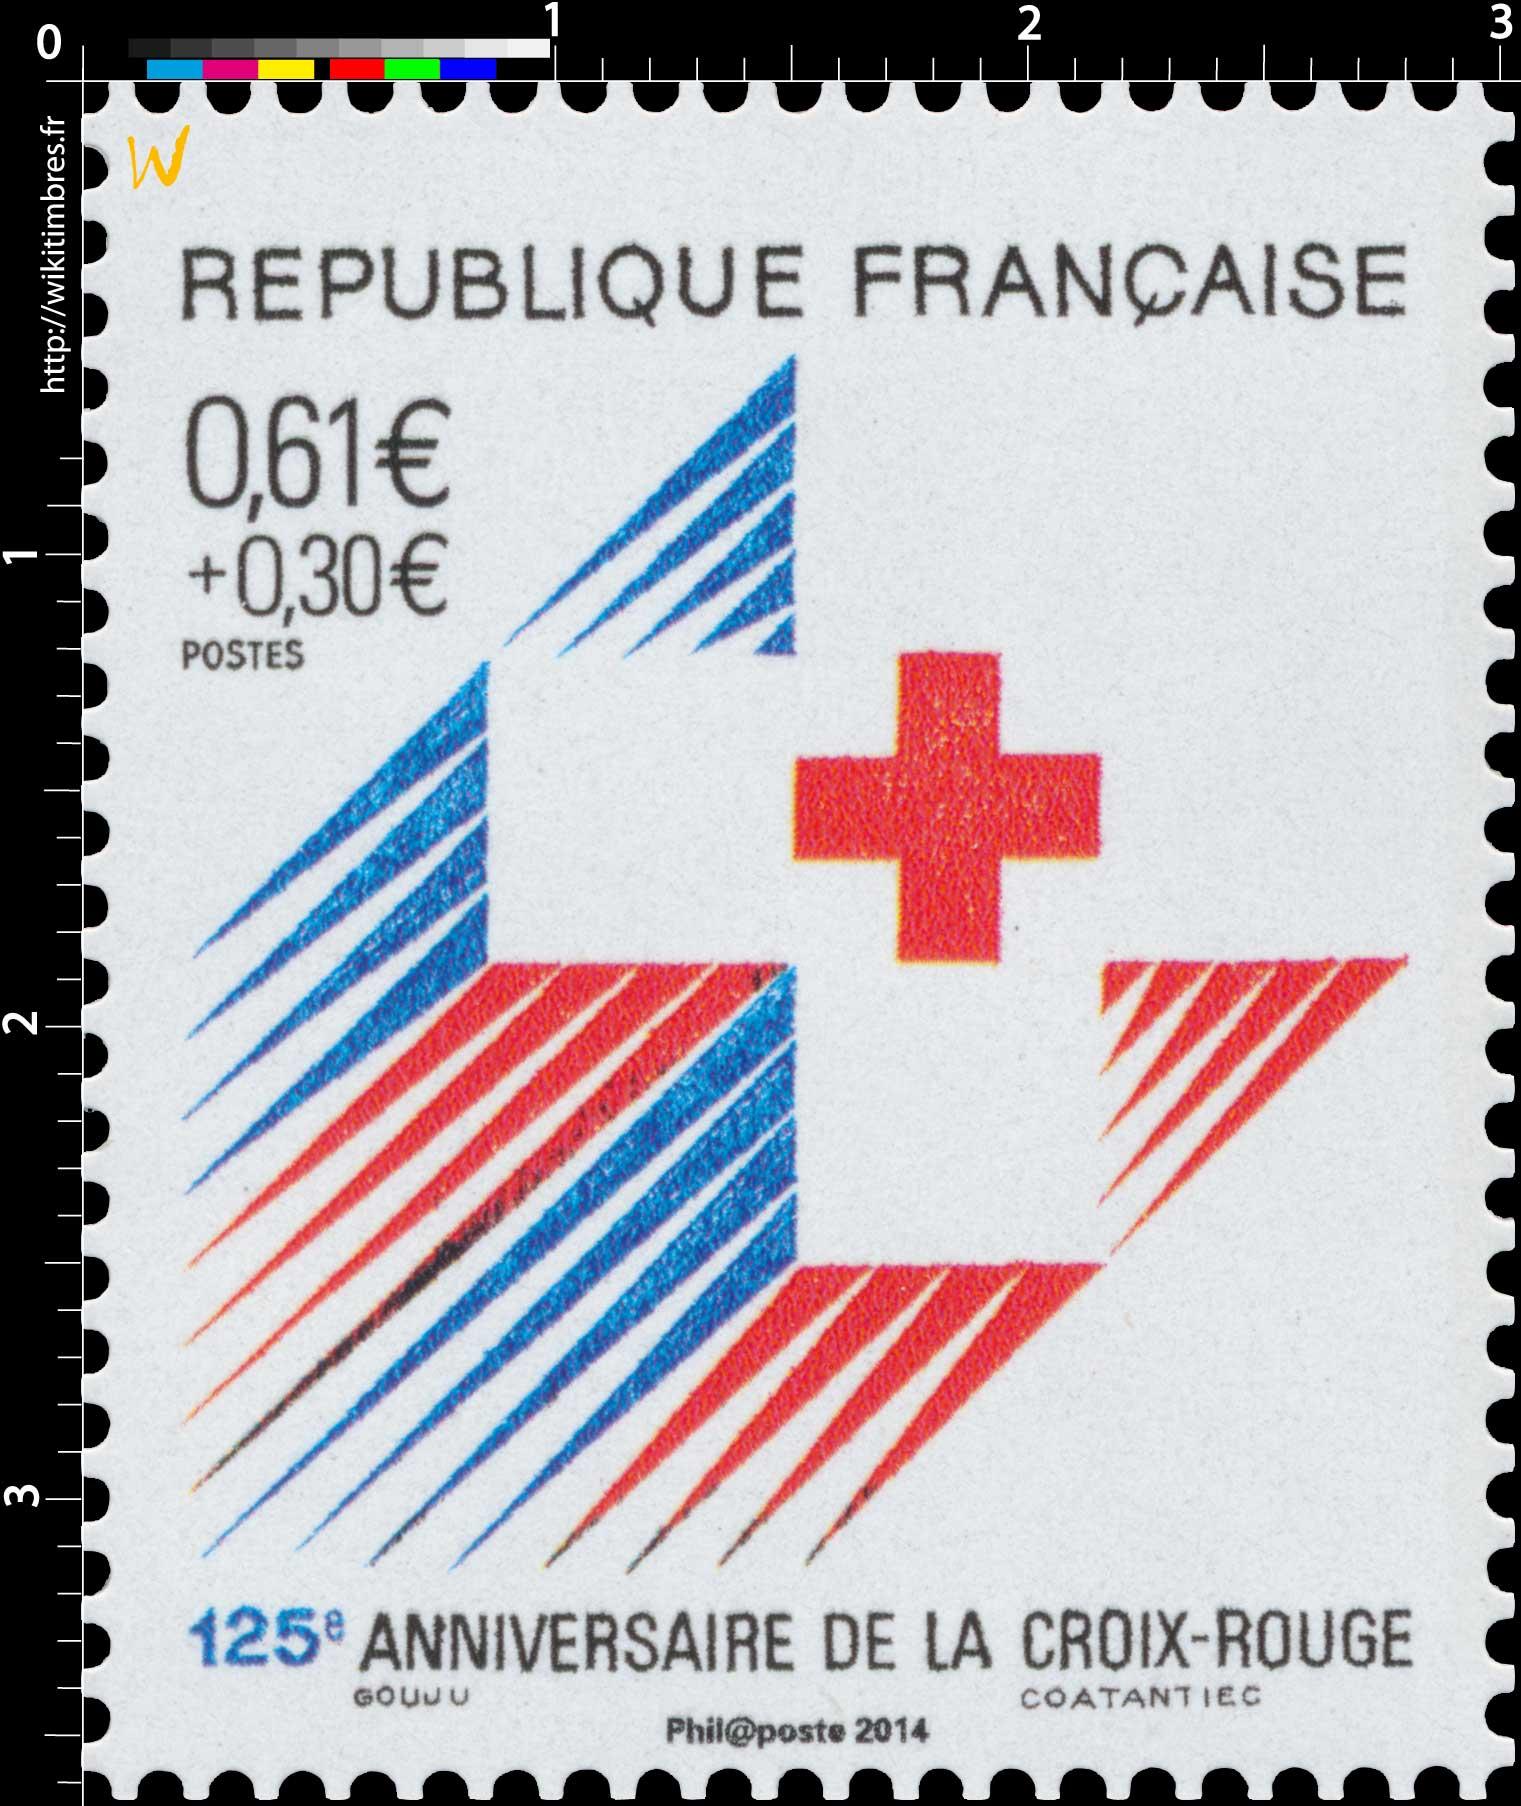 2014 125e anniversaire de la Croix-Rouge française